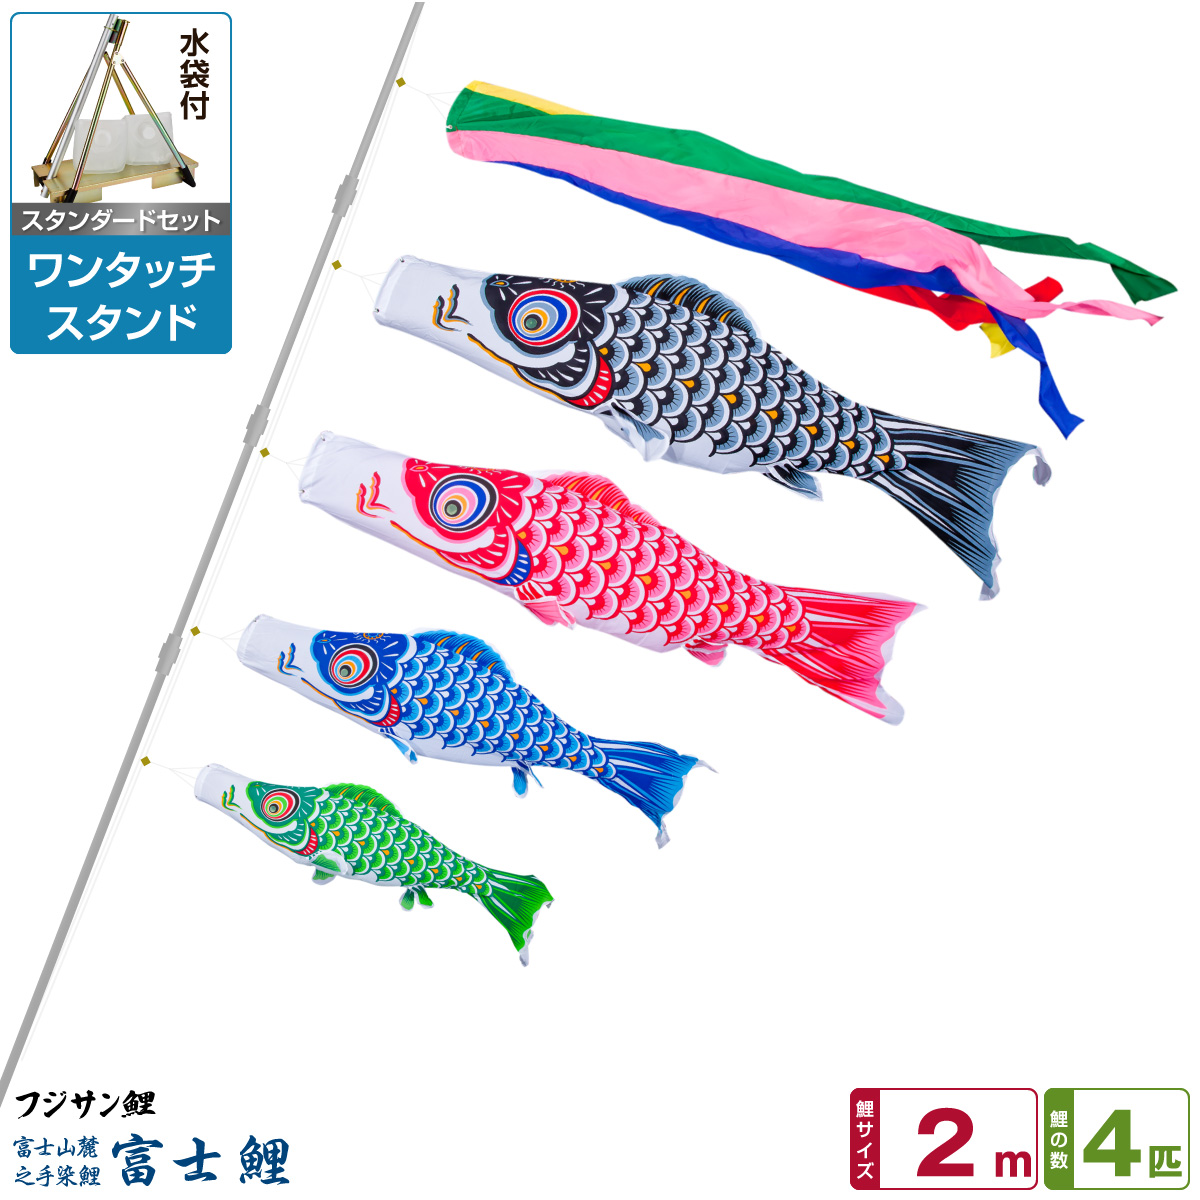 ベランダ用 こいのぼり 鯉のぼり フジサン鯉 富士鯉 2m 7点(吹流し+鯉4匹+矢車+ロープ)/スタンダードセット(ワンタッチスタンド)